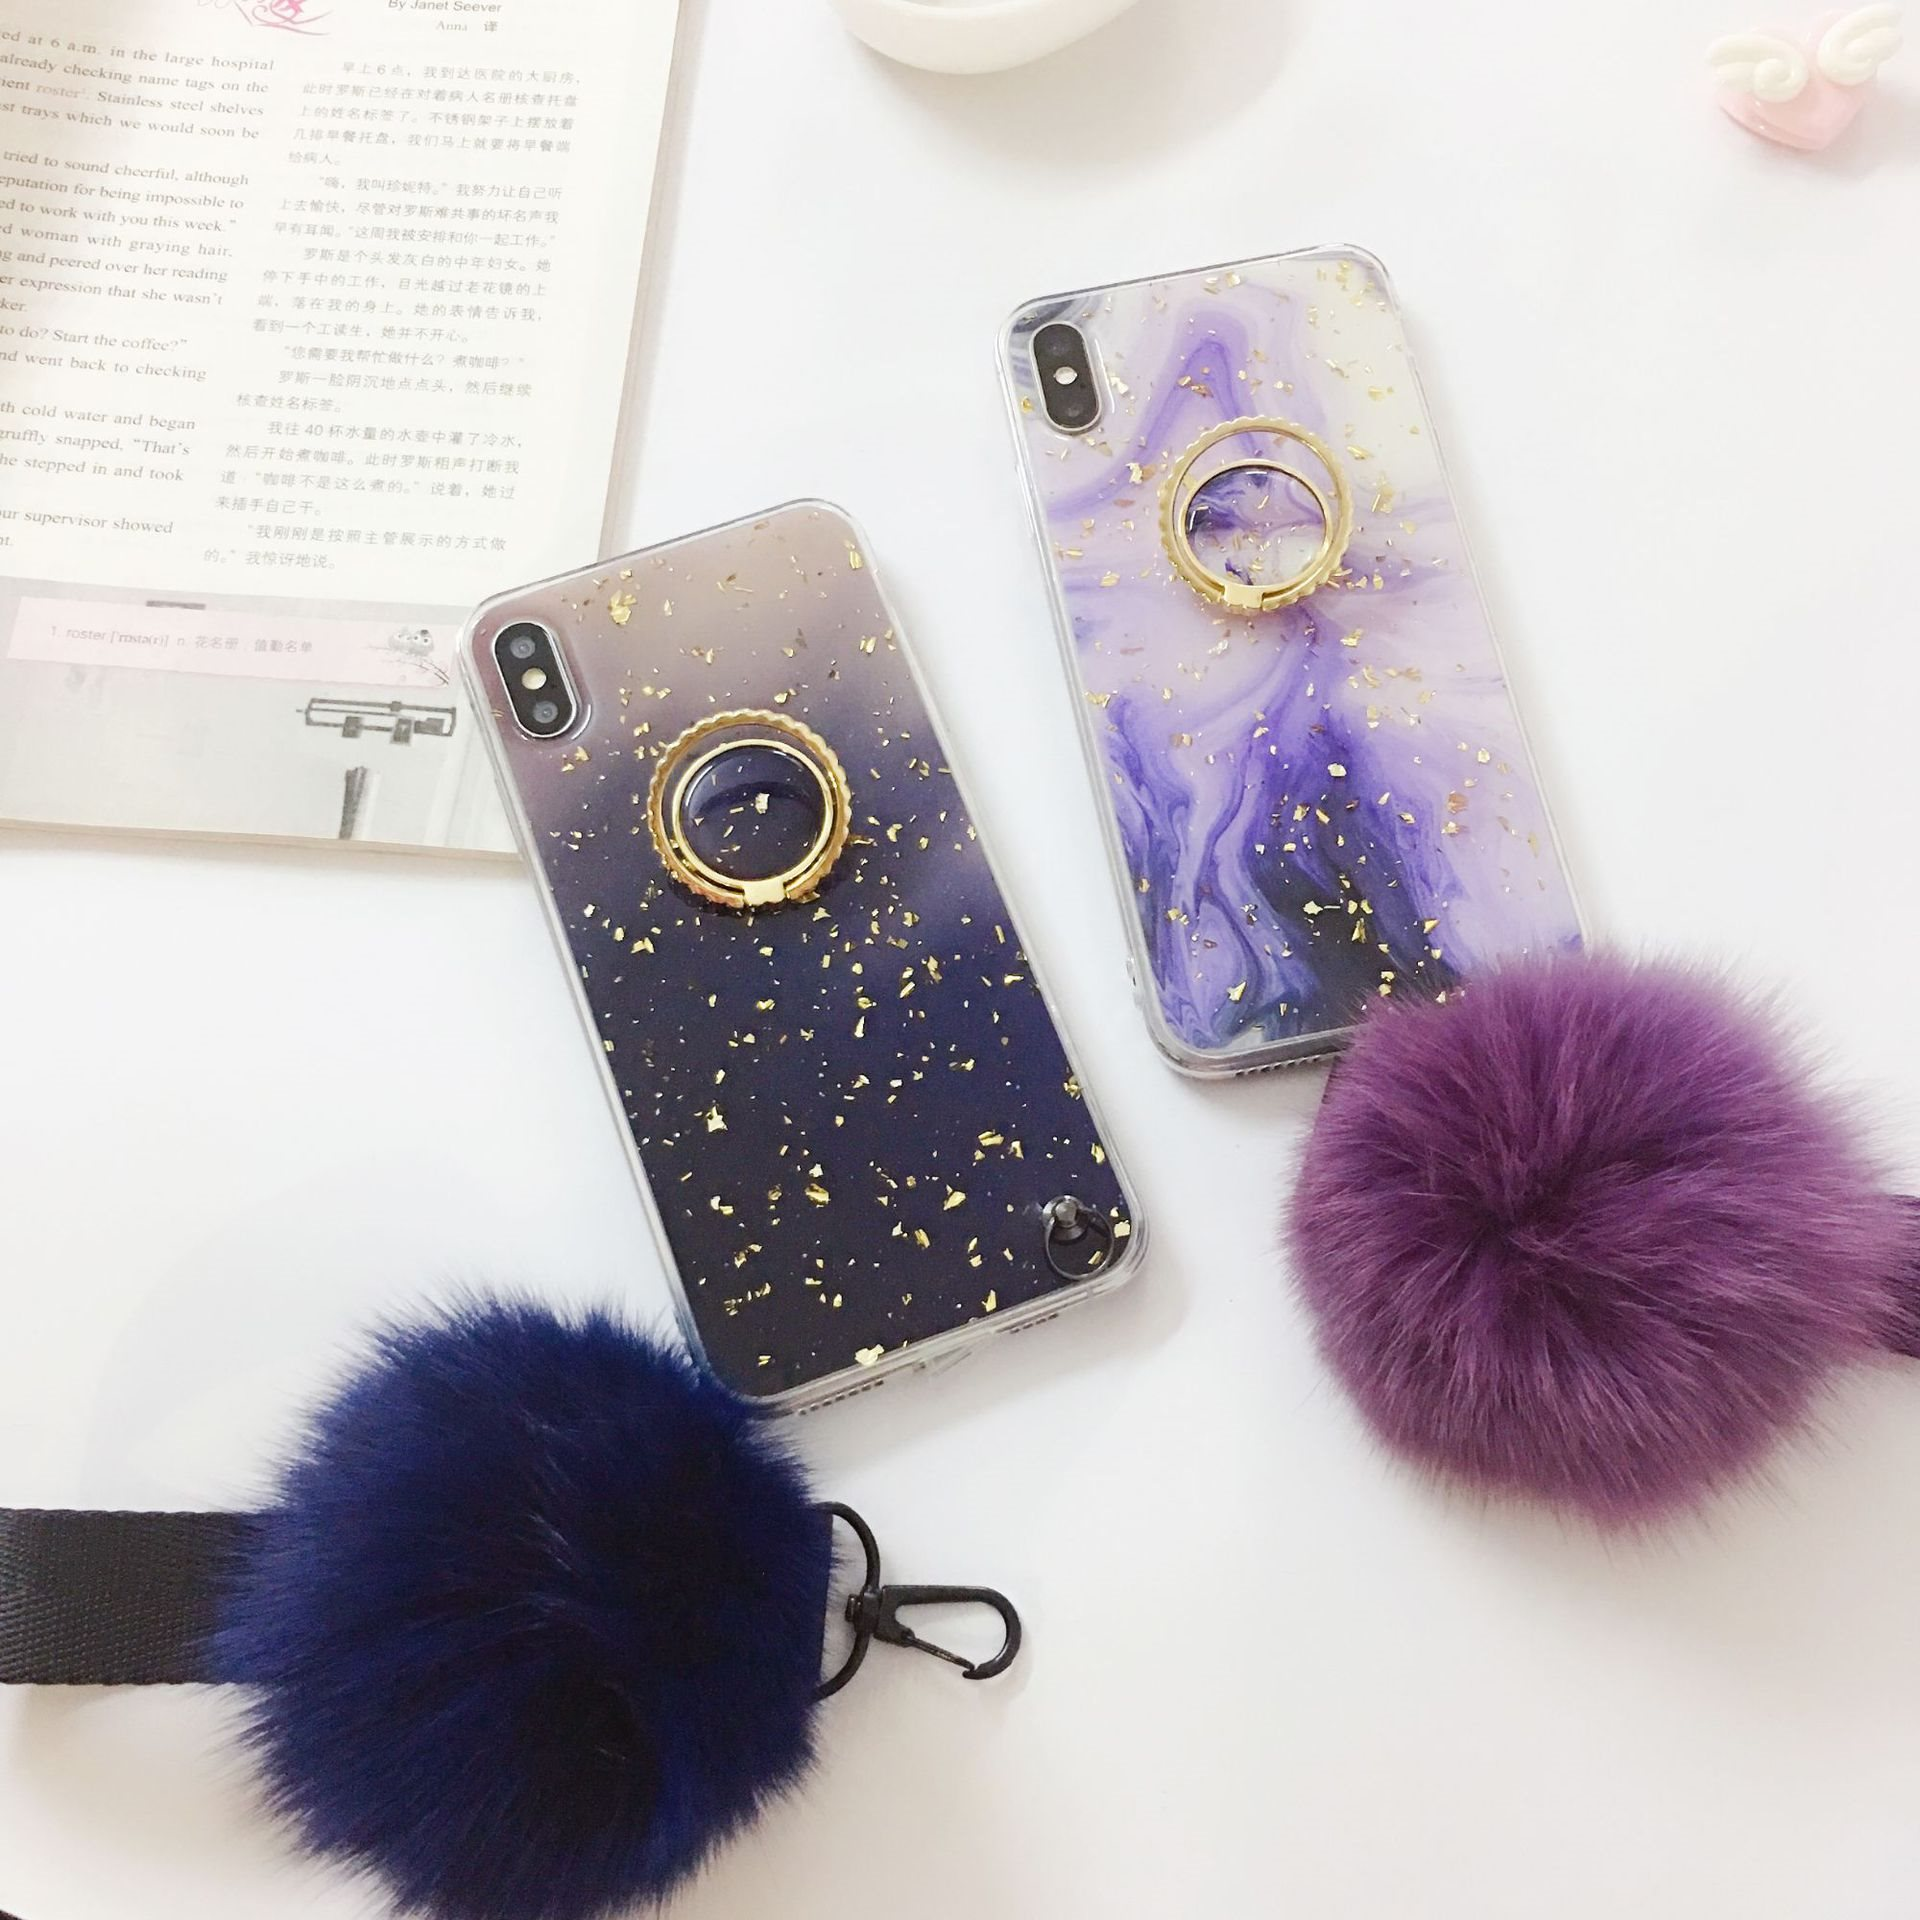 iPhoneXS max滴胶铂金毛球TPU支架手机壳适用苹果7/8plus保护套